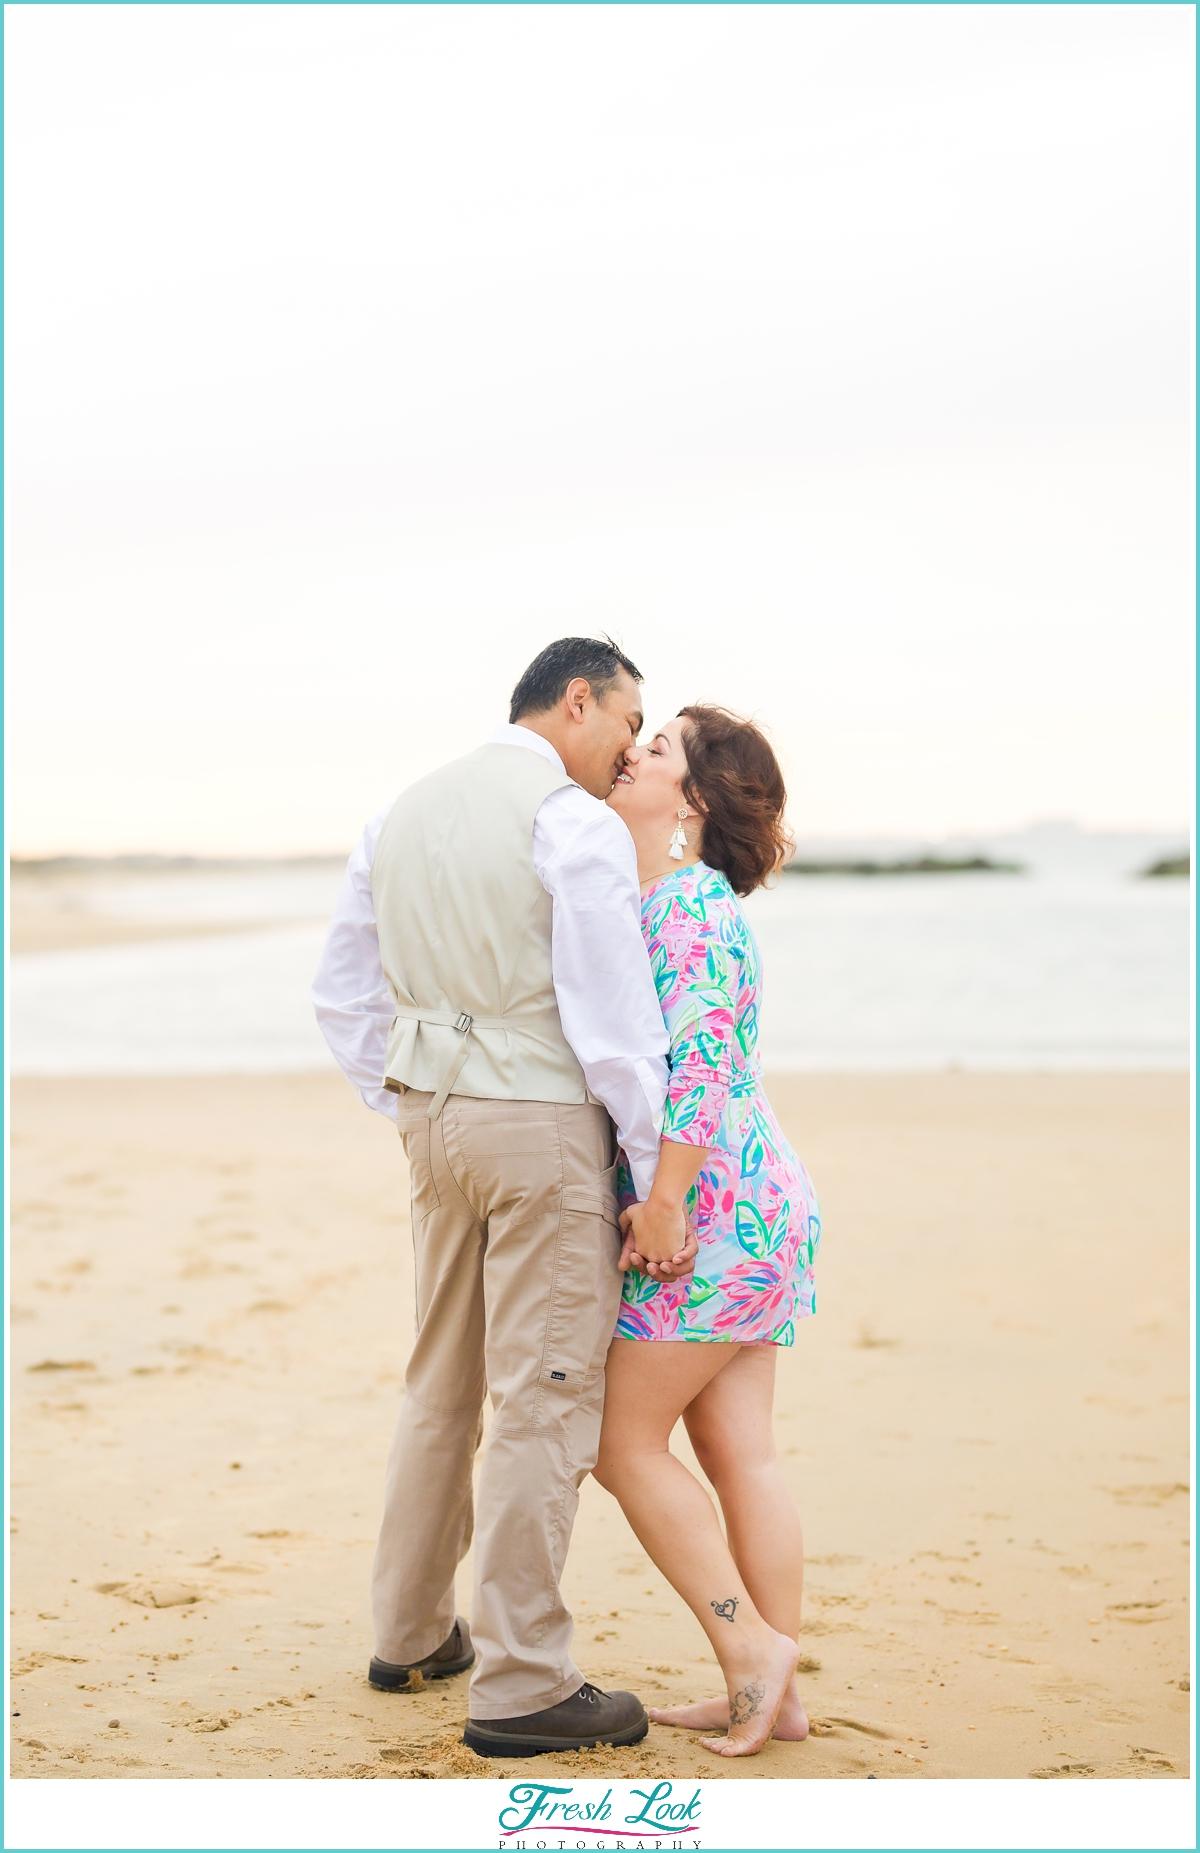 Virginia Beach Anniversary photoshoot